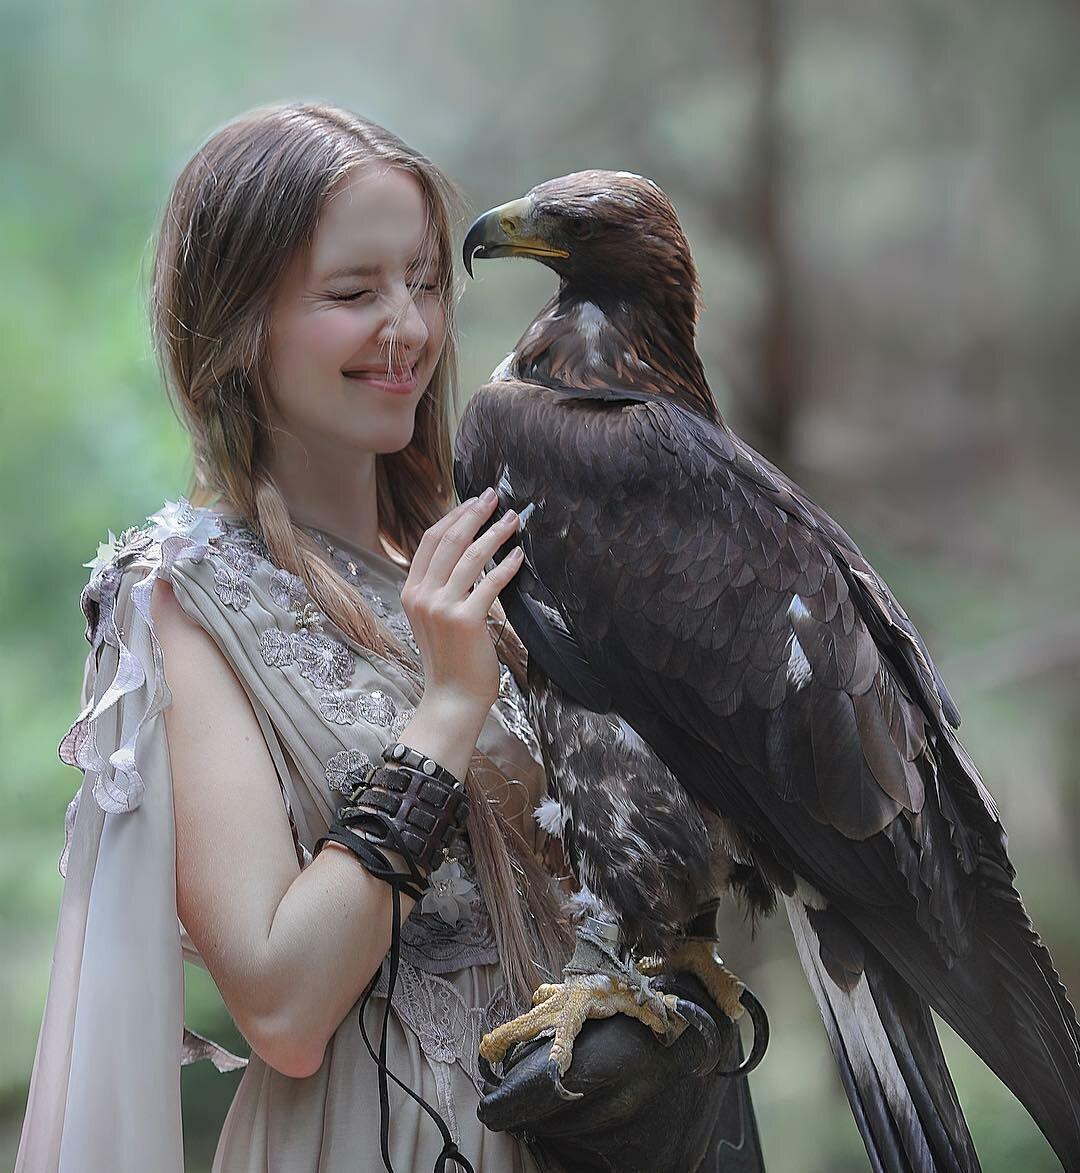 фото птицы и человек картинки оттенок